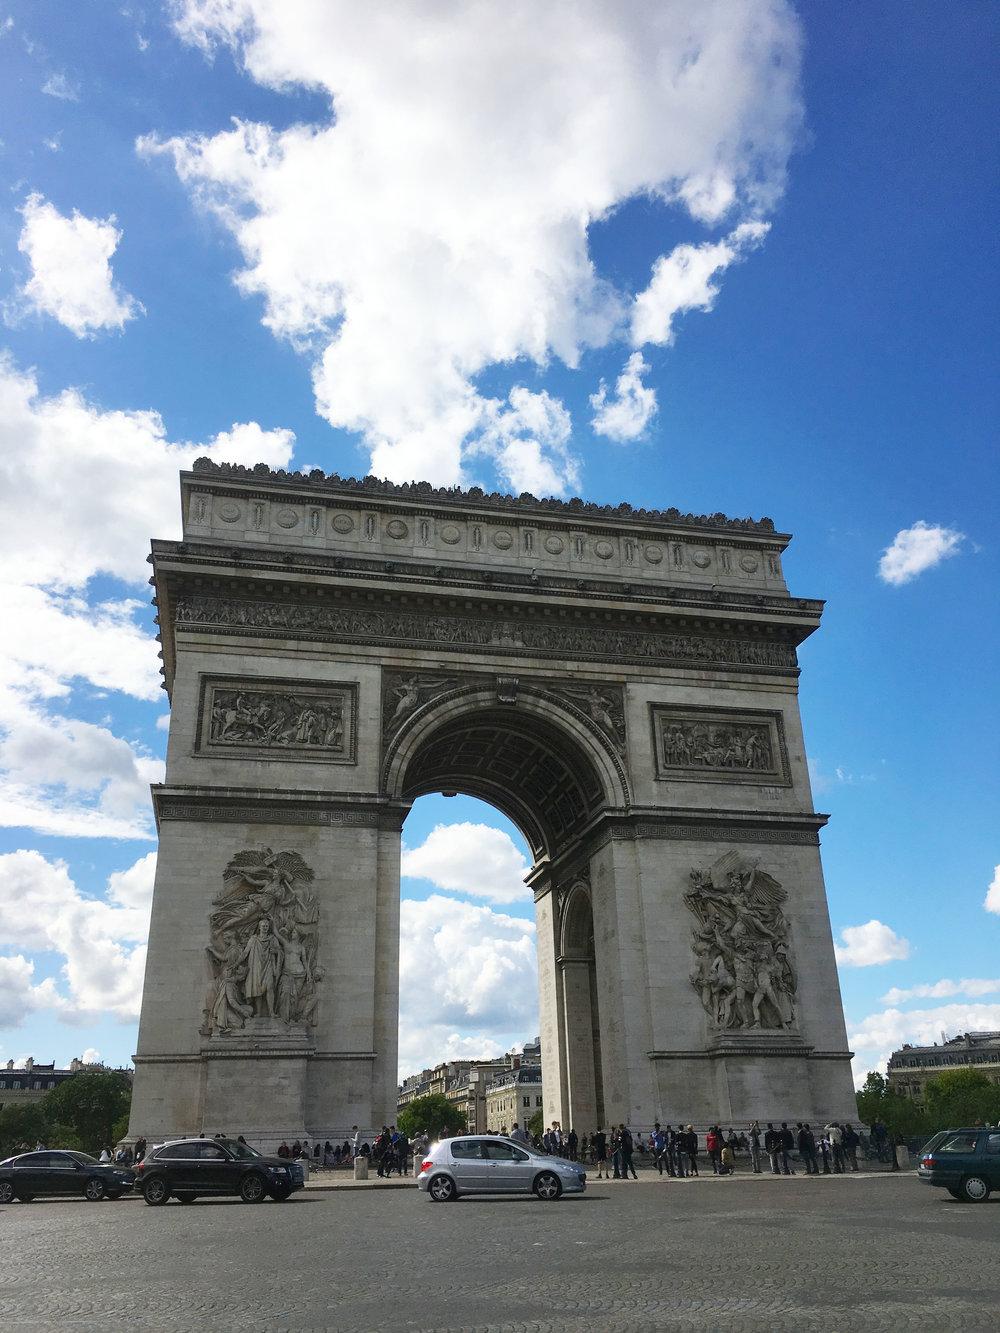 Arc de Triomphe from the Champs-Élysées.